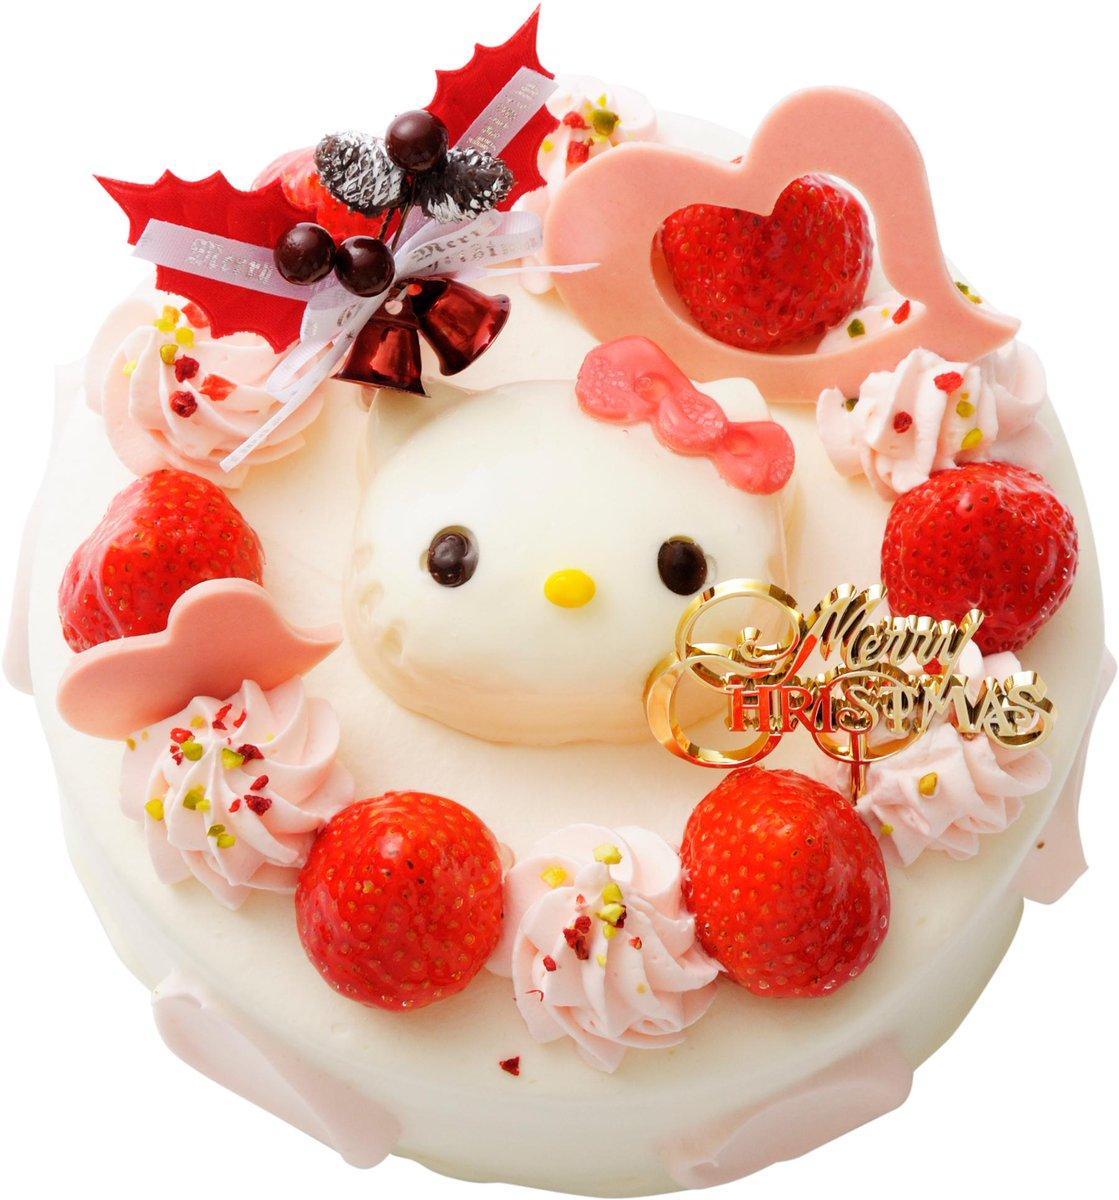 「堂島ロール」のクリームを使ったベビーモンシェールのクリスマスケーキにキティとマイメロディが登場!とってもキュートなケーキが聖夜を演出するよ☆ご予約は、ベビーモンシェールの店頭でね♪ sanrio.eng.mg/c3d77 pic.twitter.com/Hs5JQnQI9i